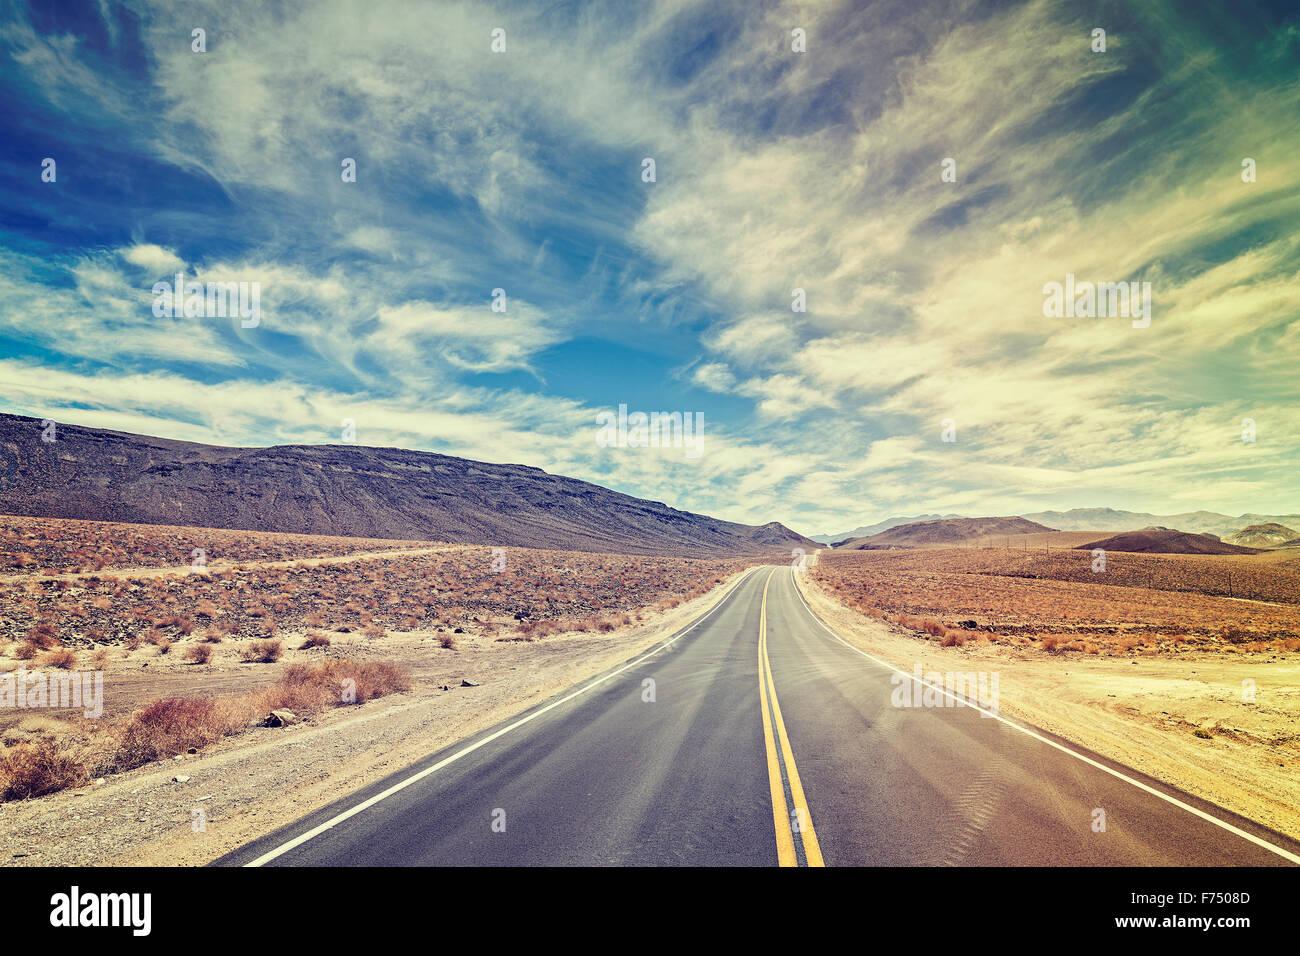 Vintage stilisierte endlose Landstraße im Death Valley, Kalifornien, USA. Stockbild